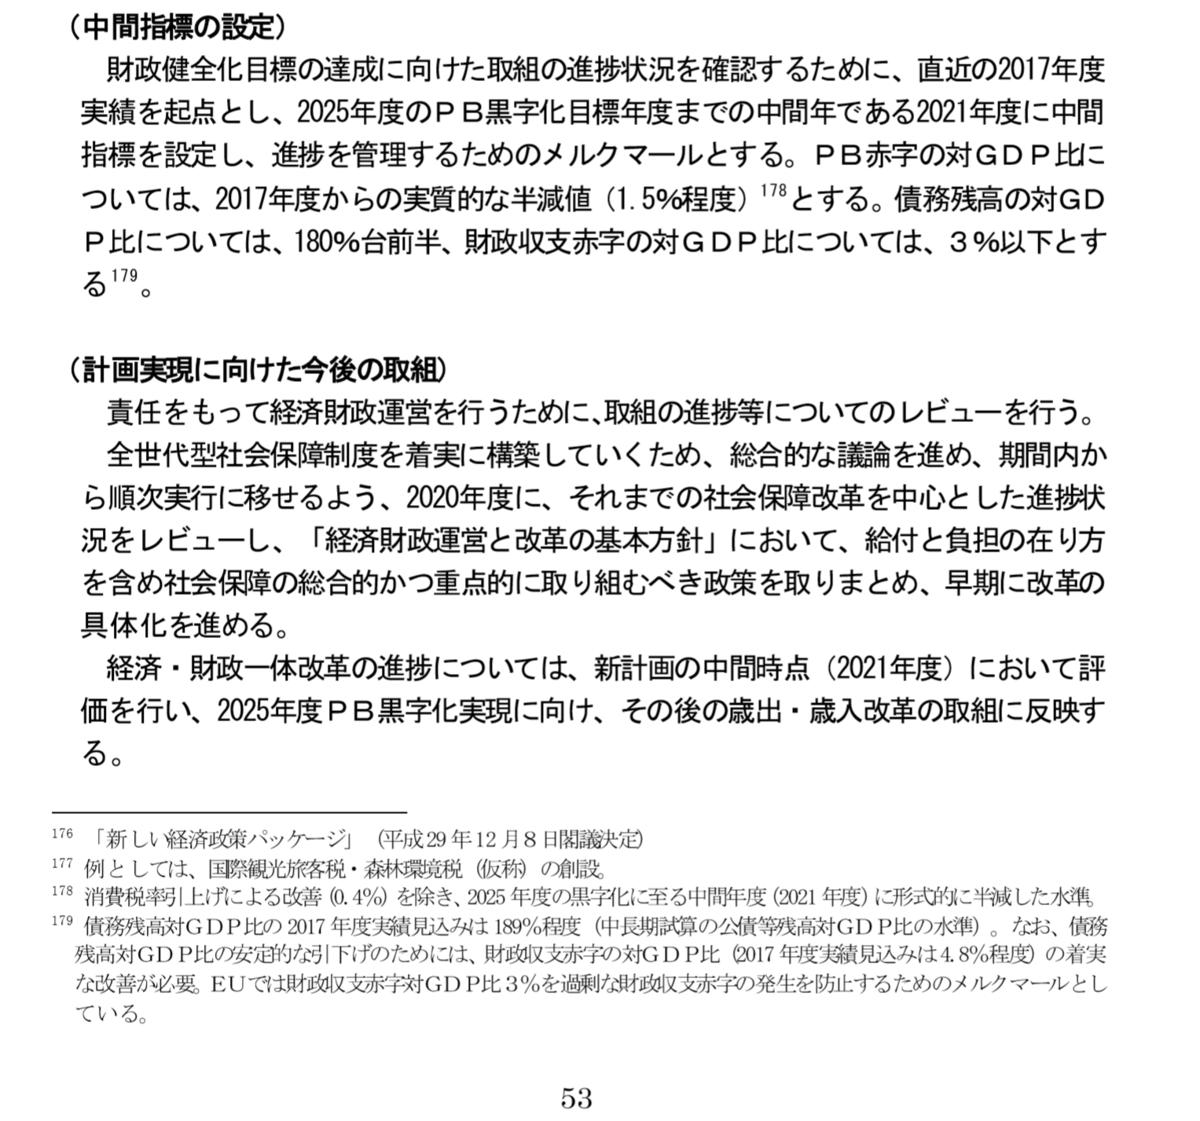 f:id:kaikakujapan:20190624175551p:plain